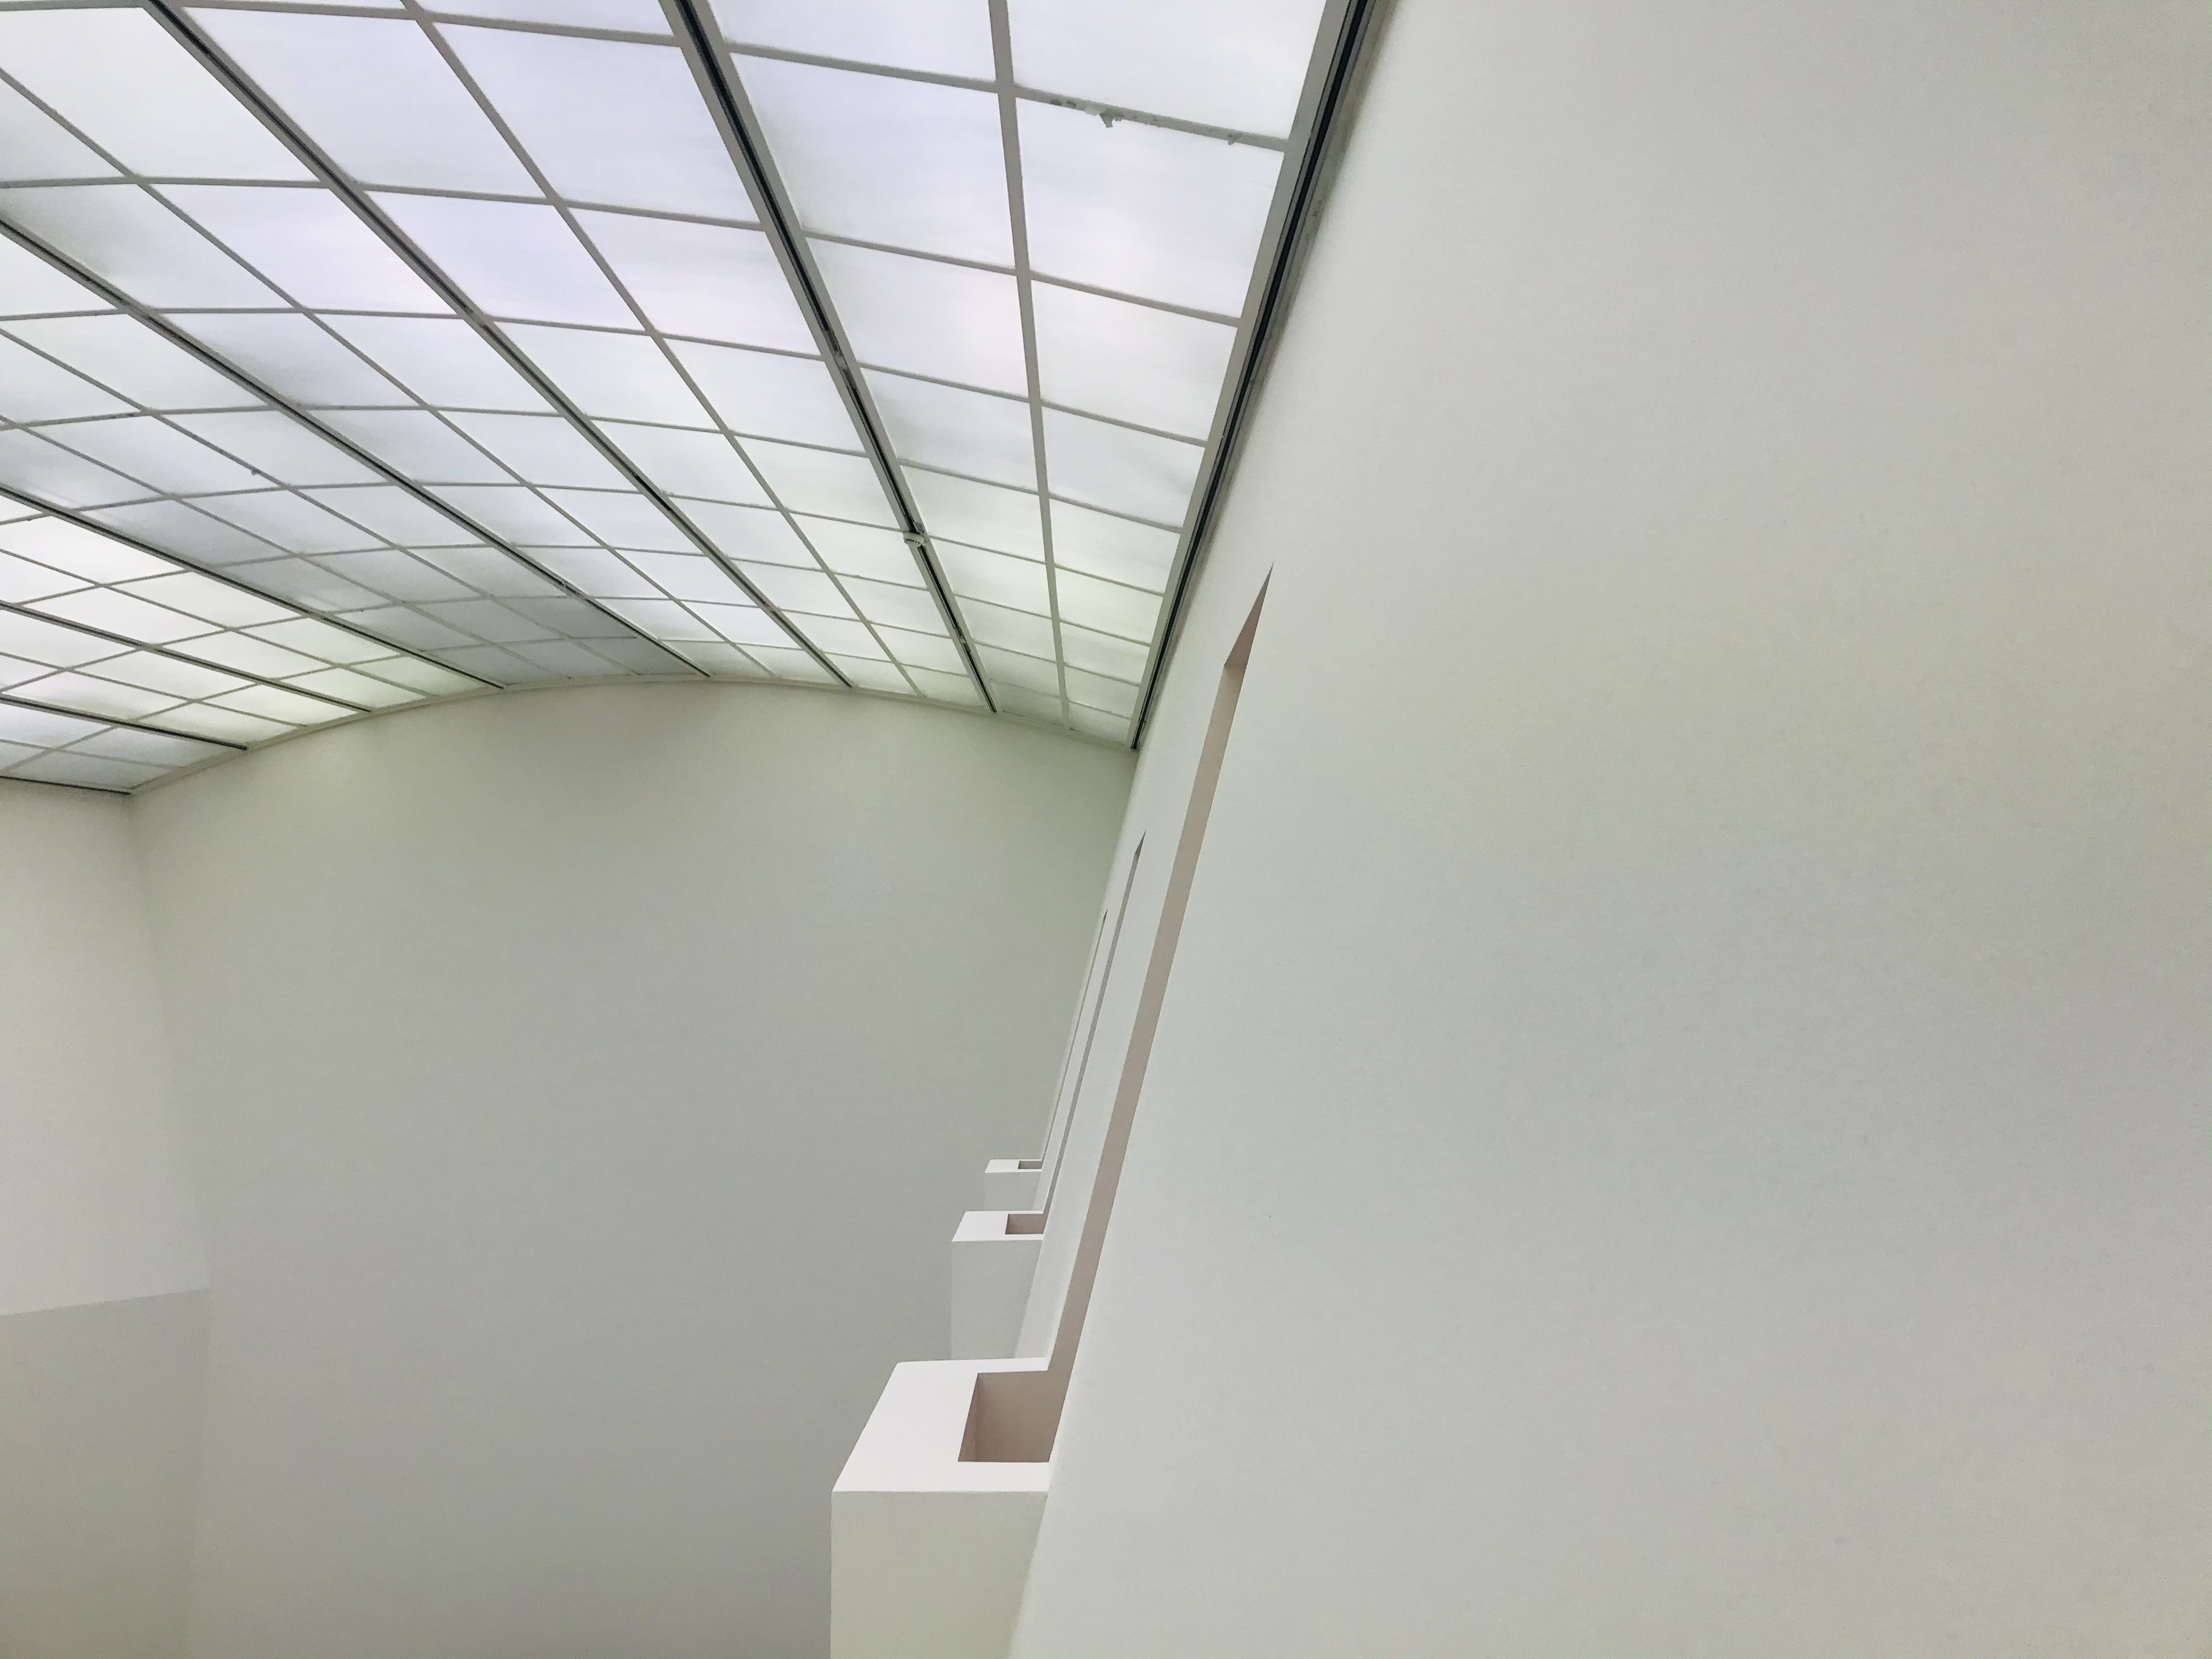 L'architettura irresistibile dell'MMK, il museo di arte moderna - Francoforte, Hessen, Germania